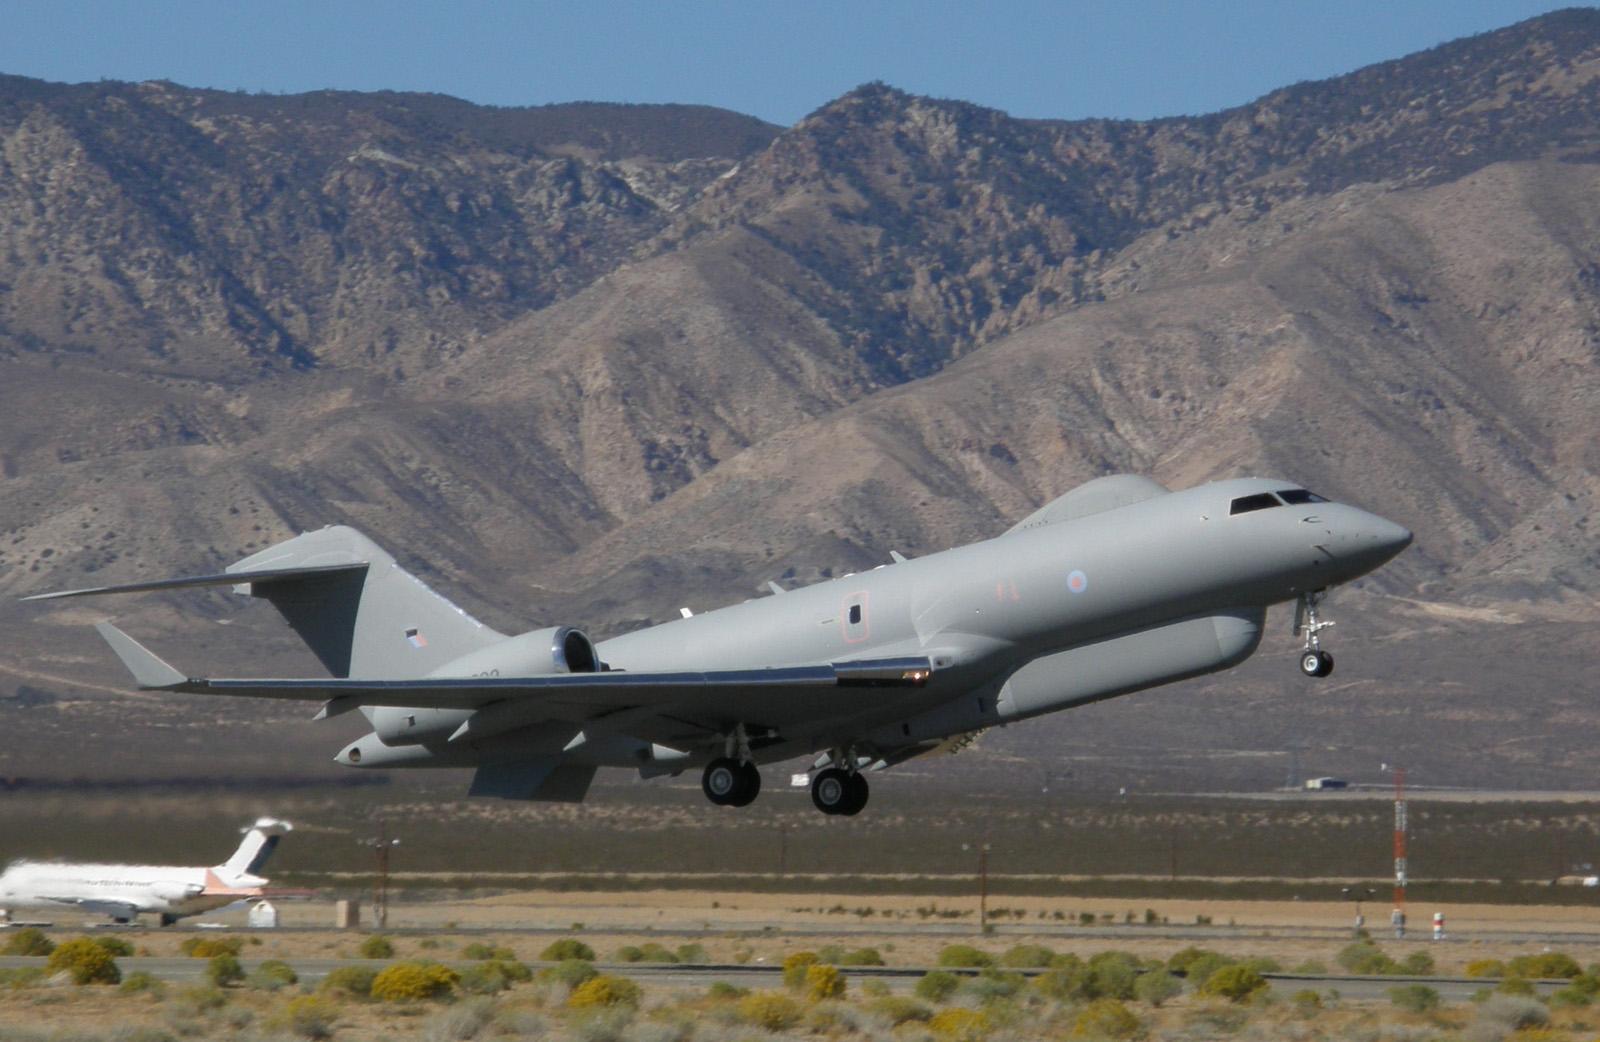 Обои истребители, Royal Air Force, сопровождение, самолеты, Red arrows, транспортный, Airbus A400M Atlas, четырёхмоторный, Красные стрелы. Авиация foto 10